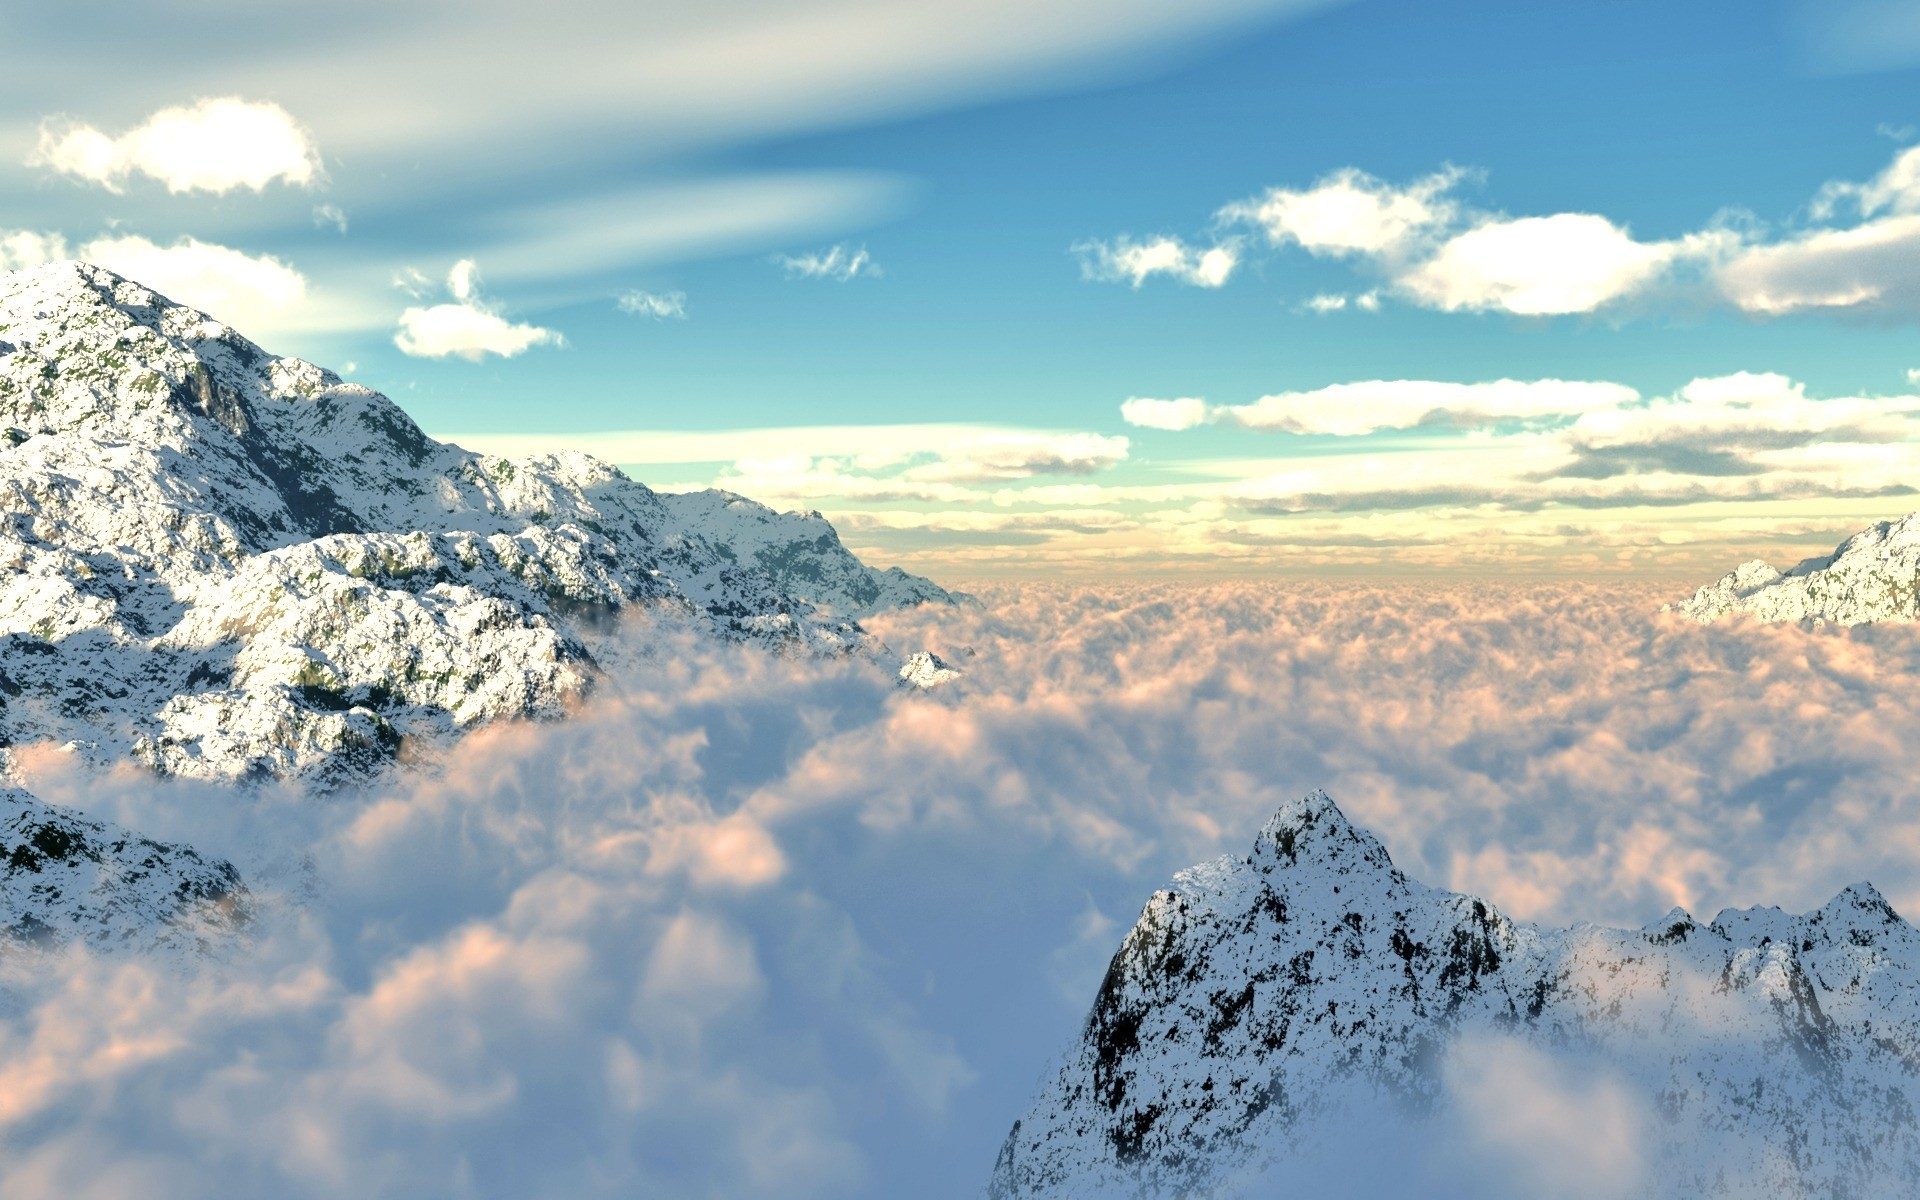 обои на рабочий стол горы в облаках майкл играл конго